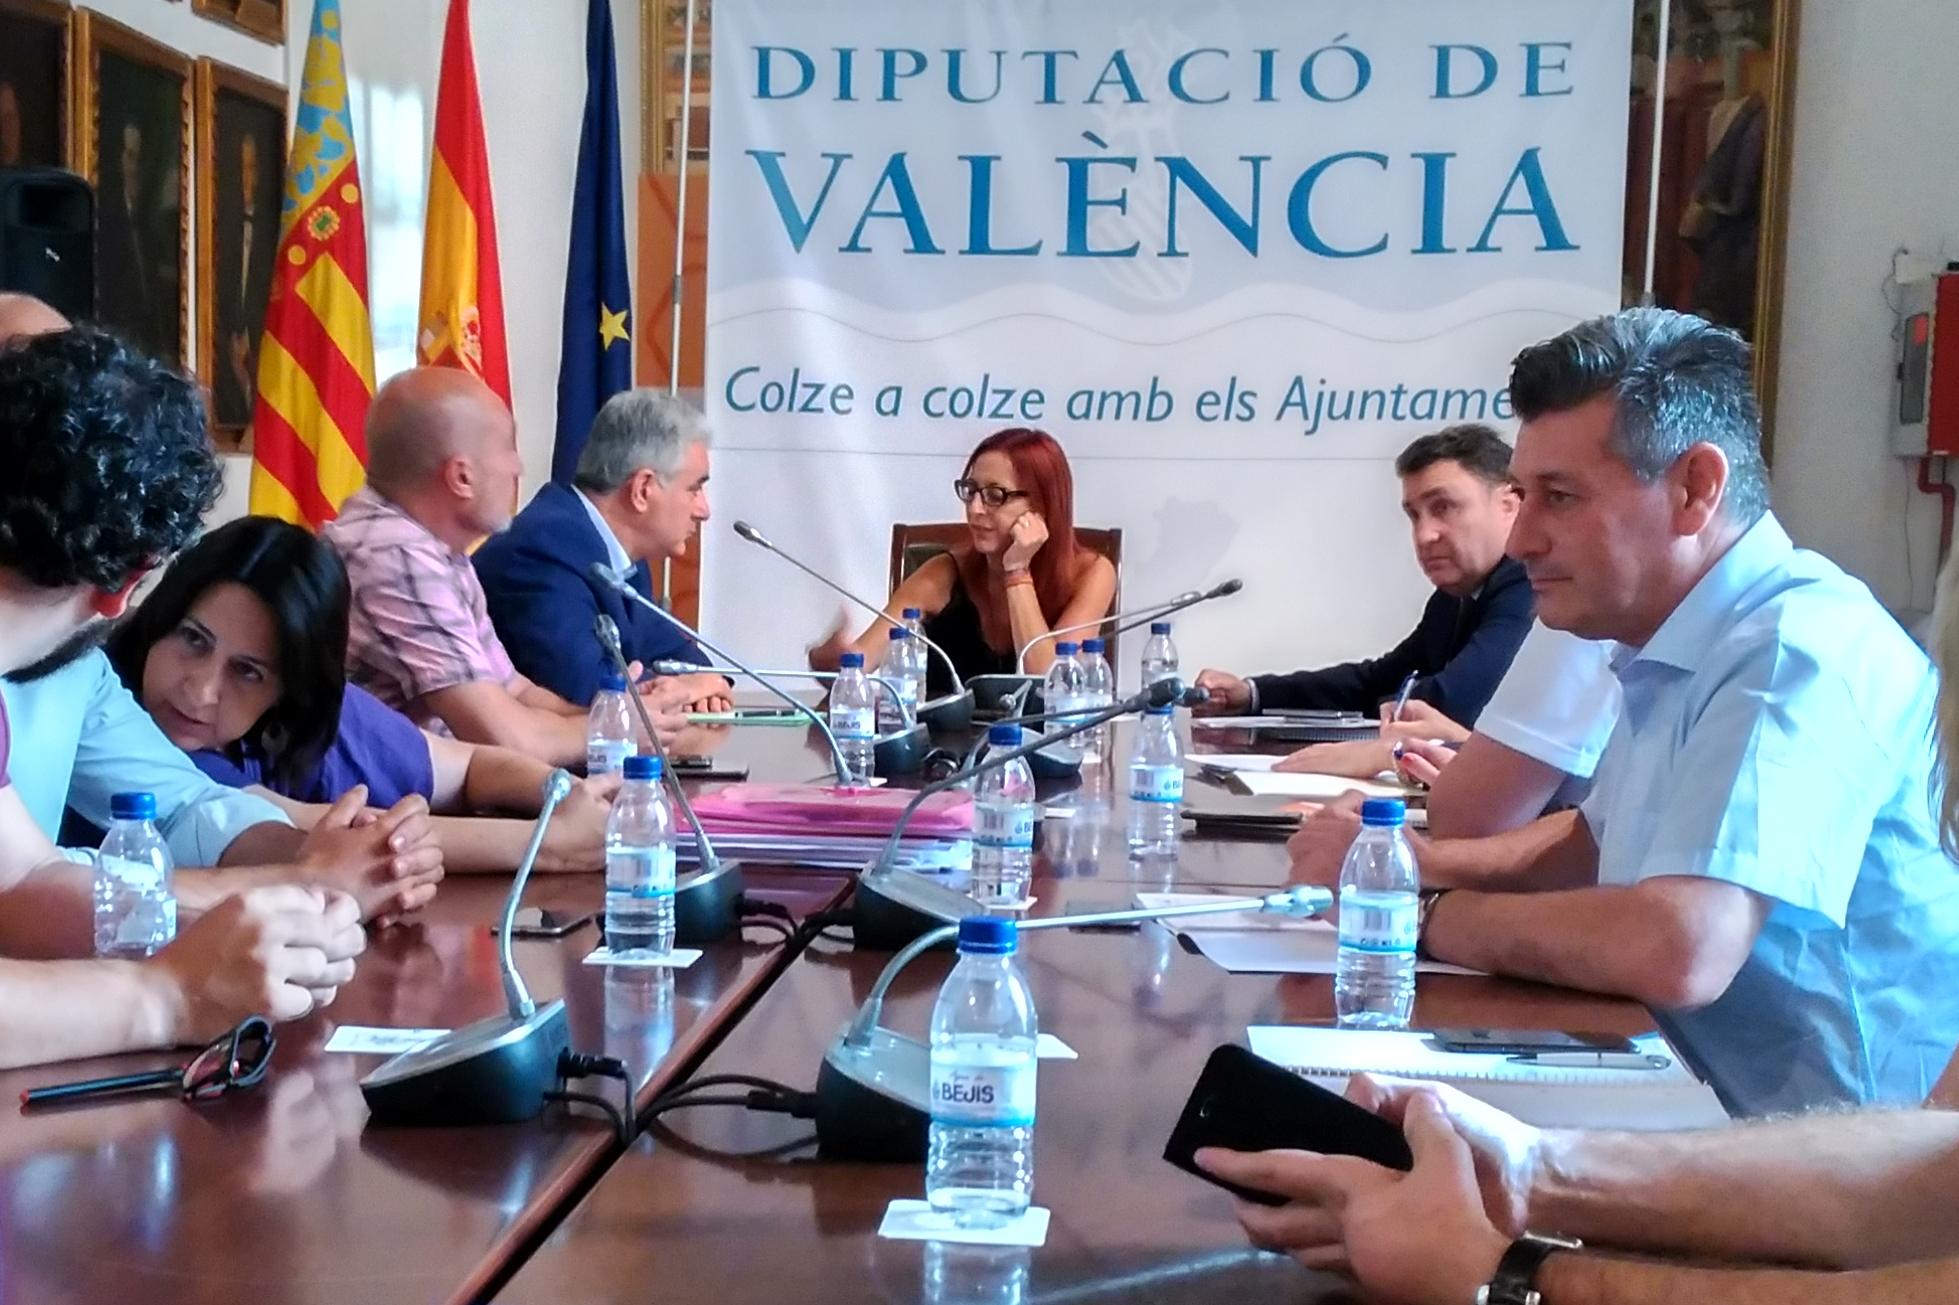 La Diputació celebrarà dos sessions plenàries extraordinàries els propers dies 12 i 17 de juliol per acceptar la renúncia de Jorge Rodríguez i anomenar el nou cap de la corporació